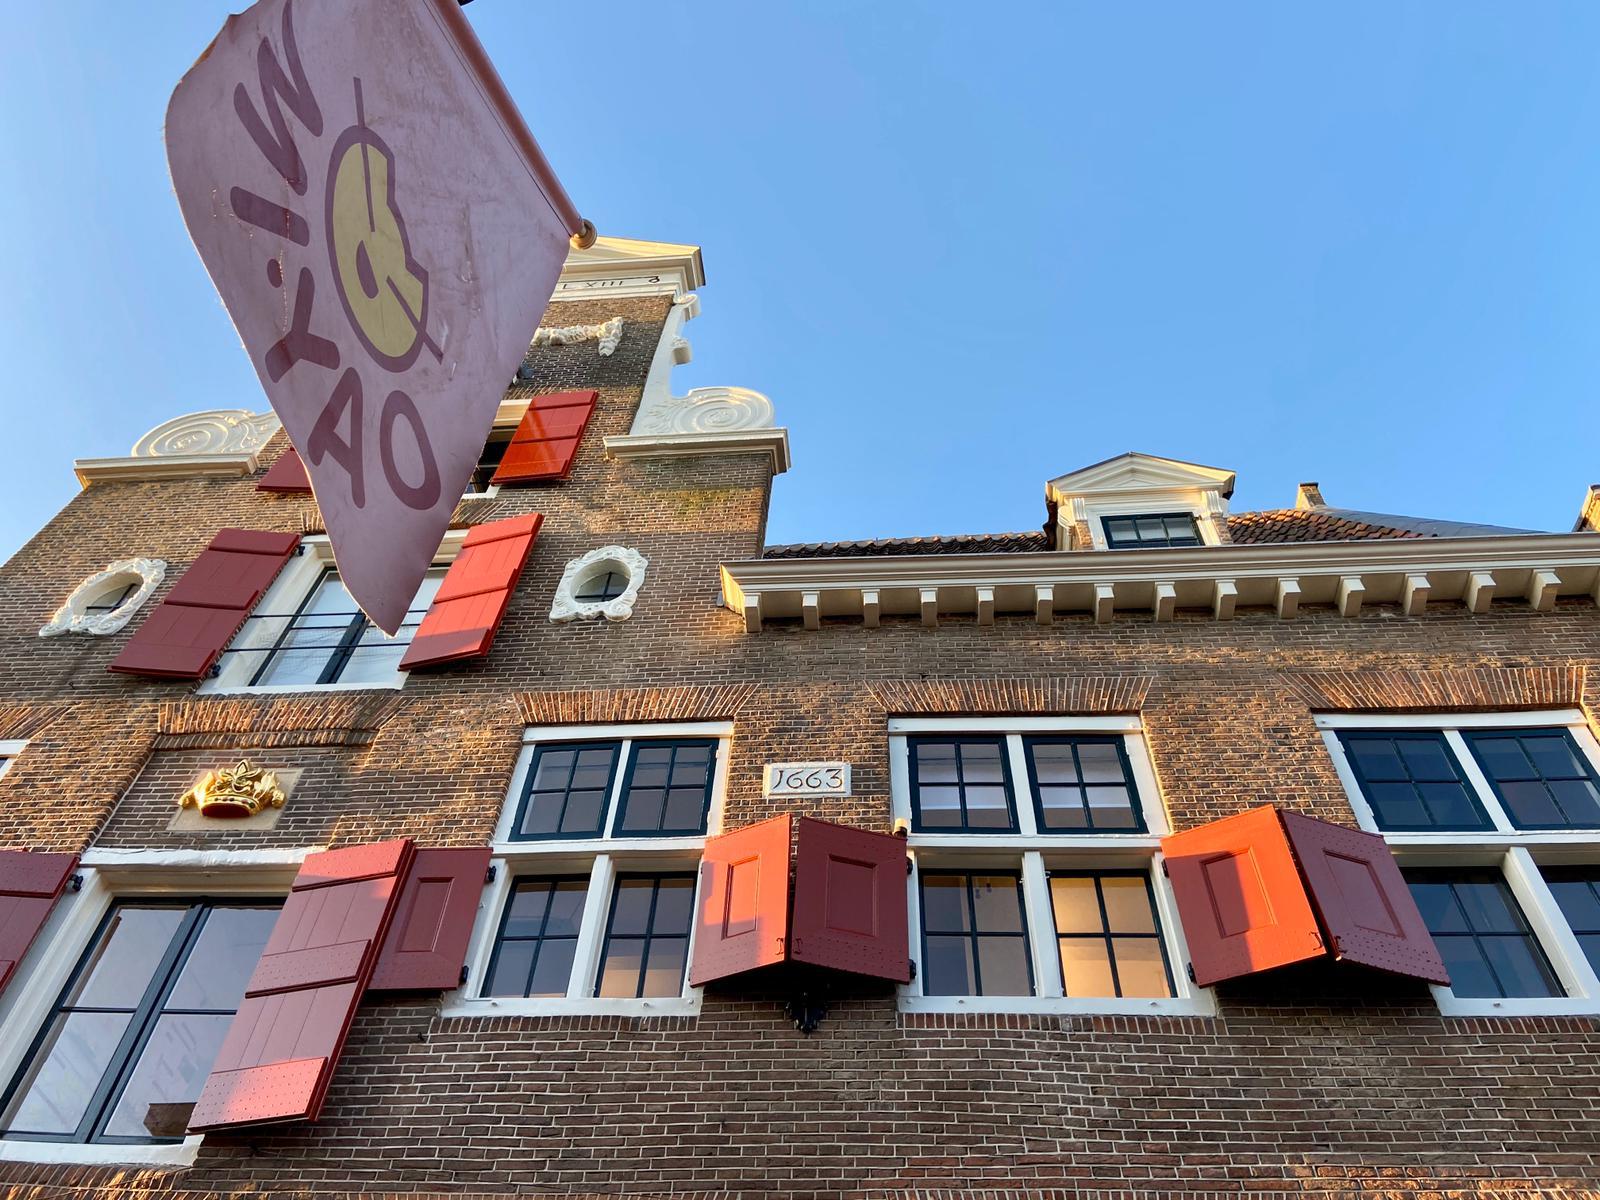 De vlag van Mi-yao in de Krommestraat. Foto: Ingelise de Vries